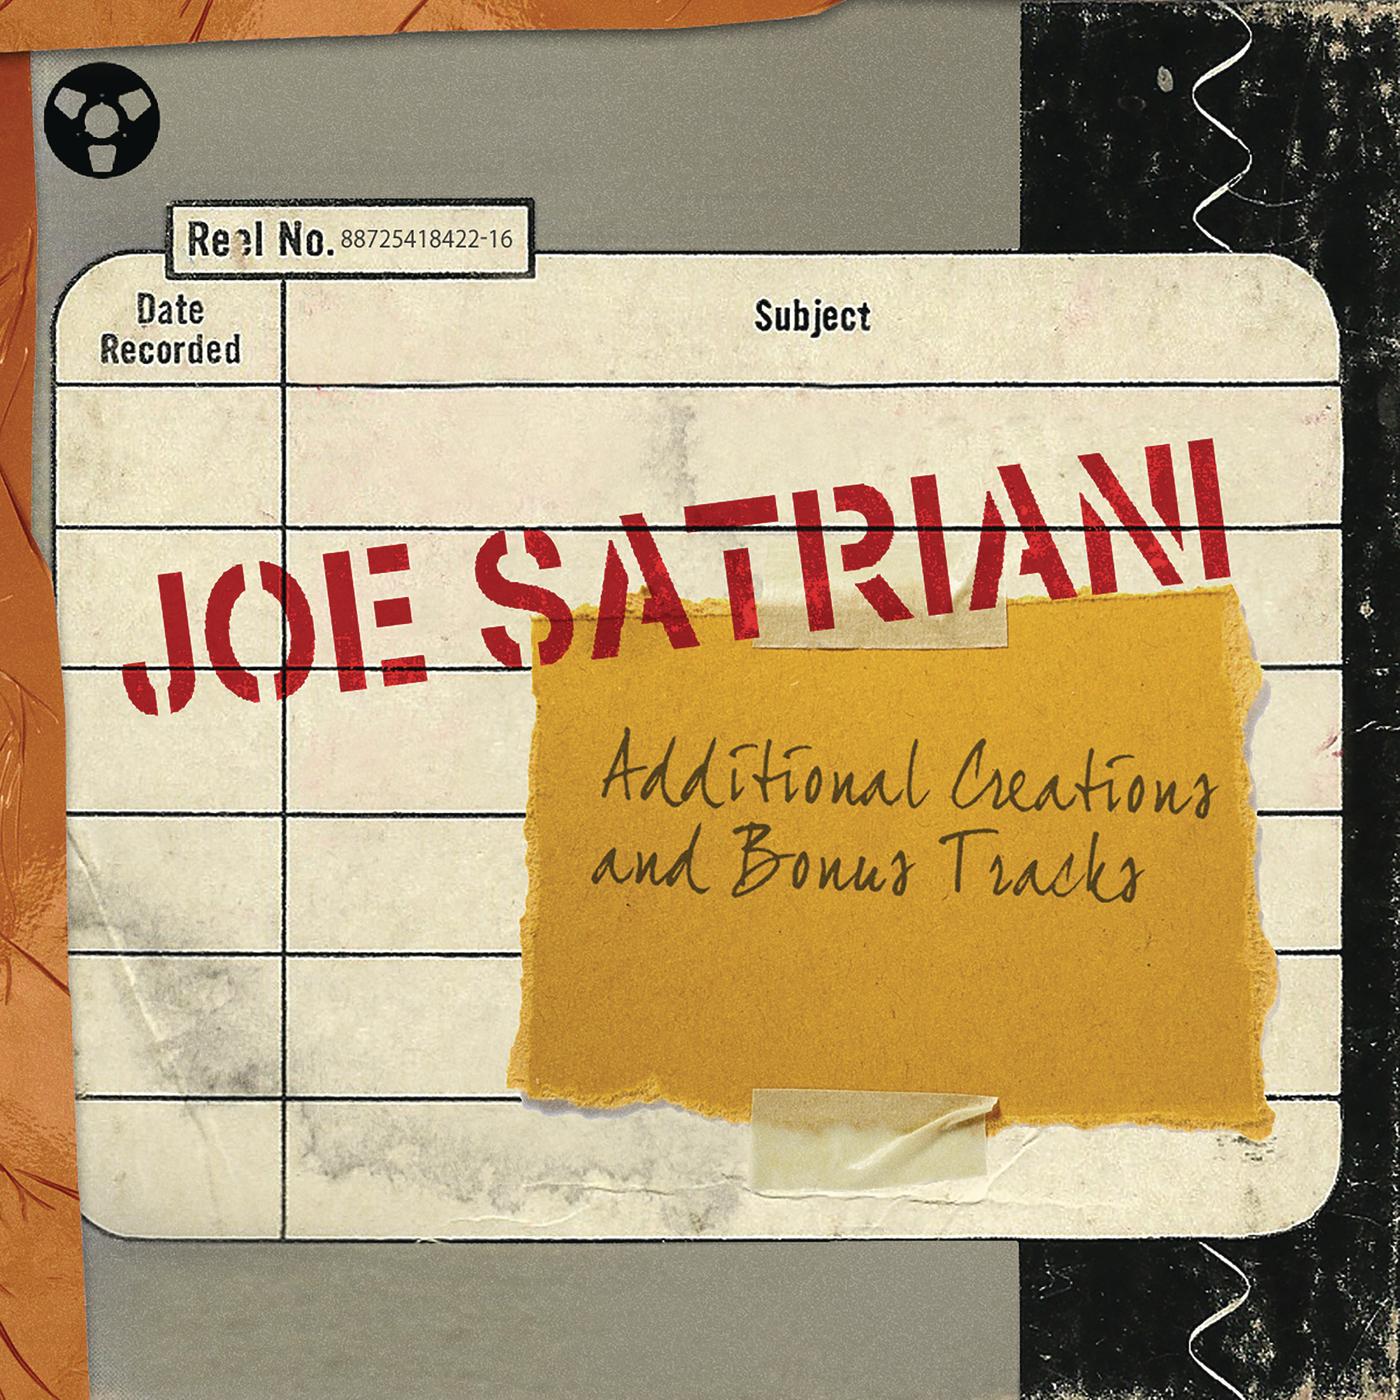 Additional Creations and Bonus Tracks - Joe Satriani